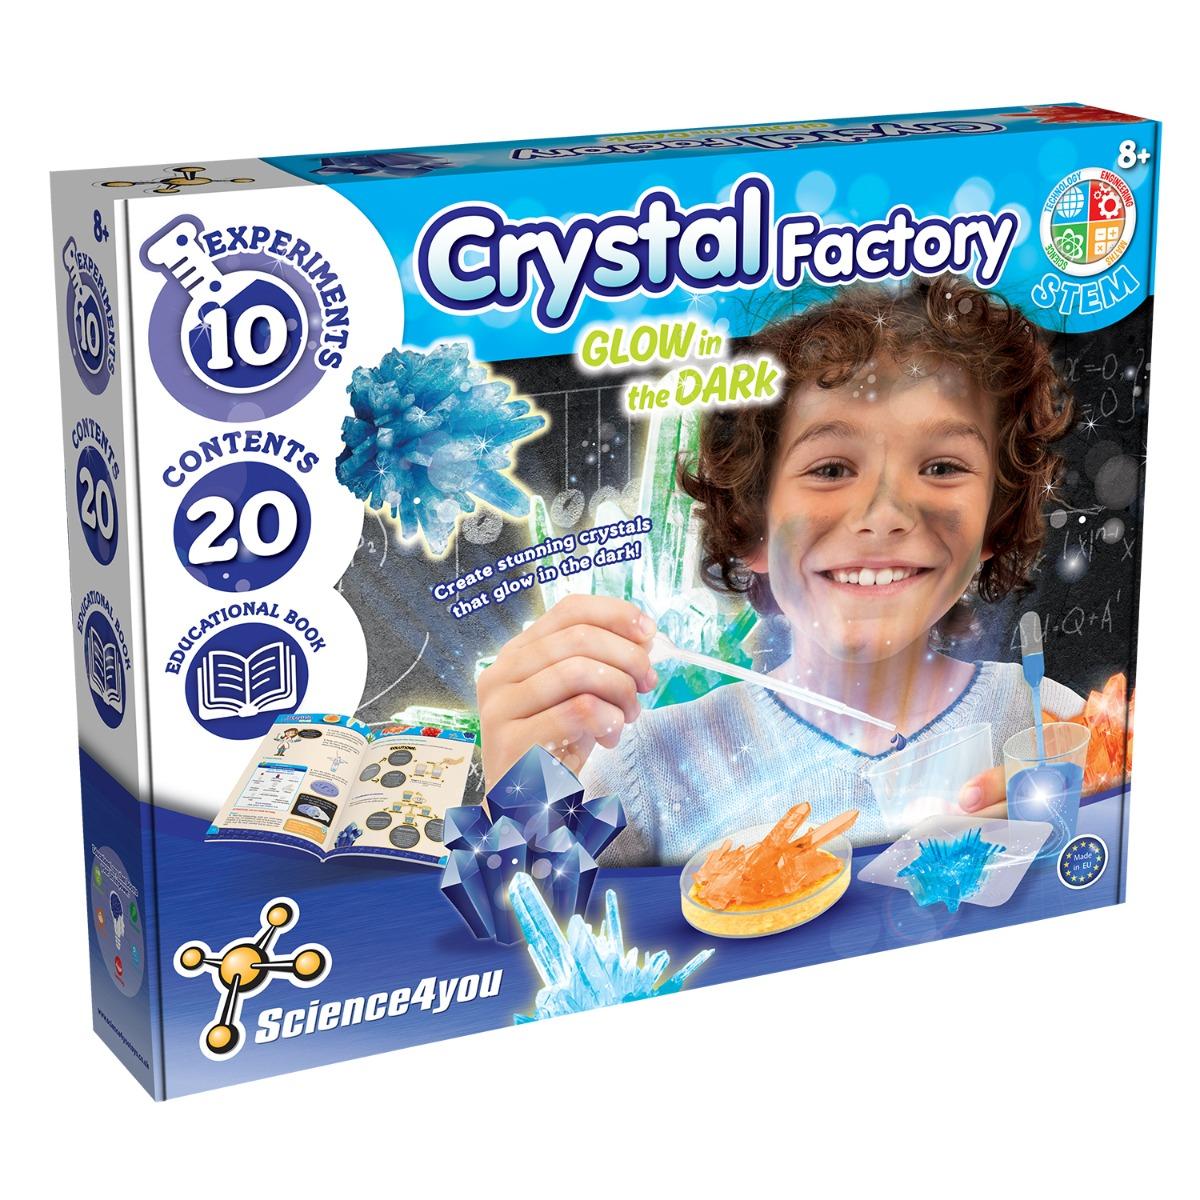 Joc educativ Science4you, fabrica de cristale luminoase